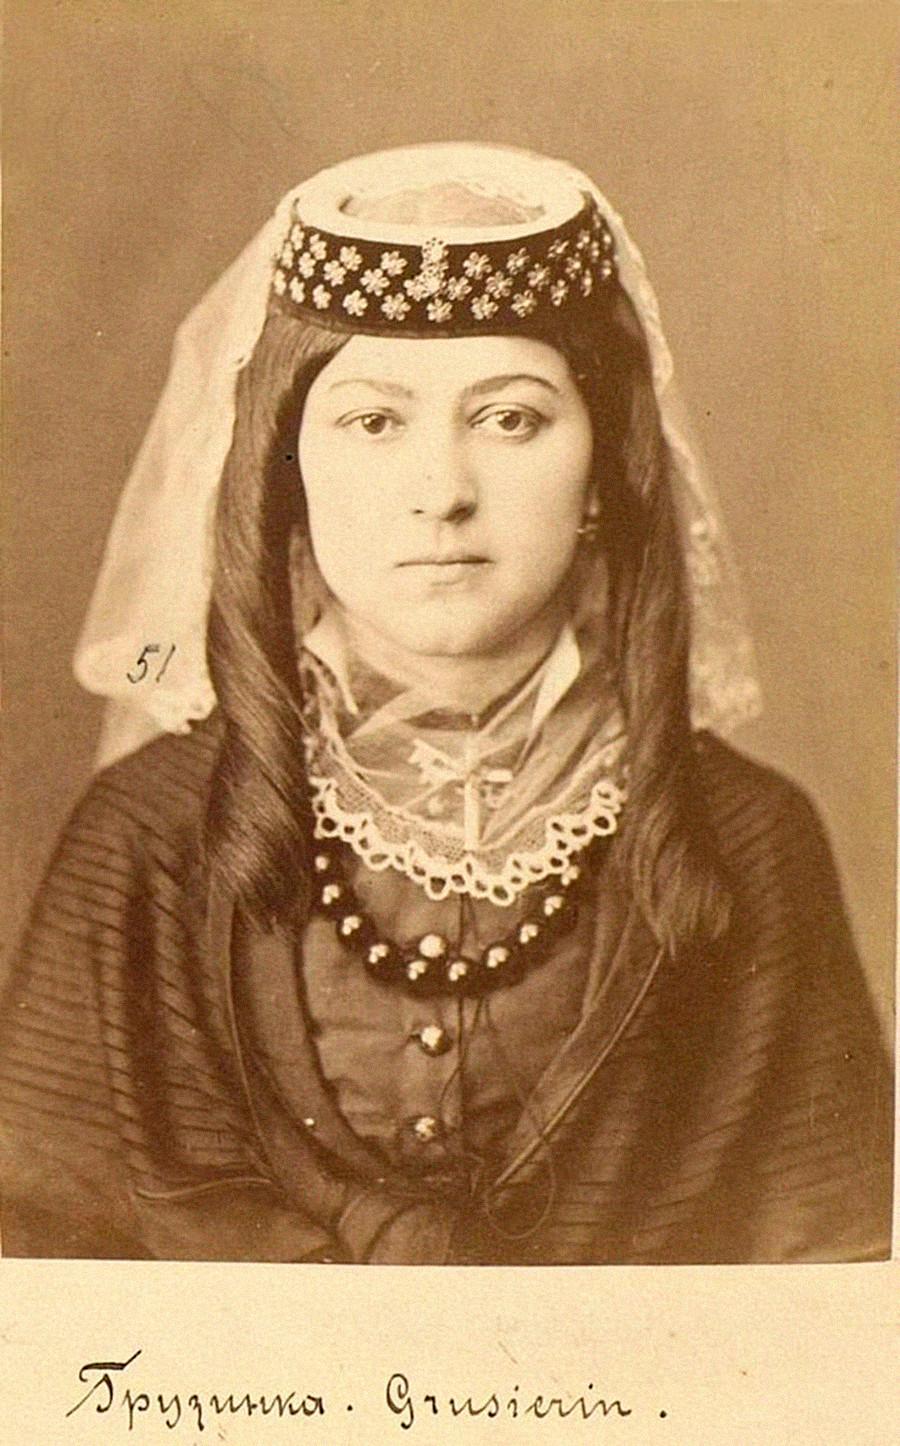 Géorgienne, gouvernorat de Tiflis (actuel Tbilissi, en Géorgie), fin du XIXe siècle